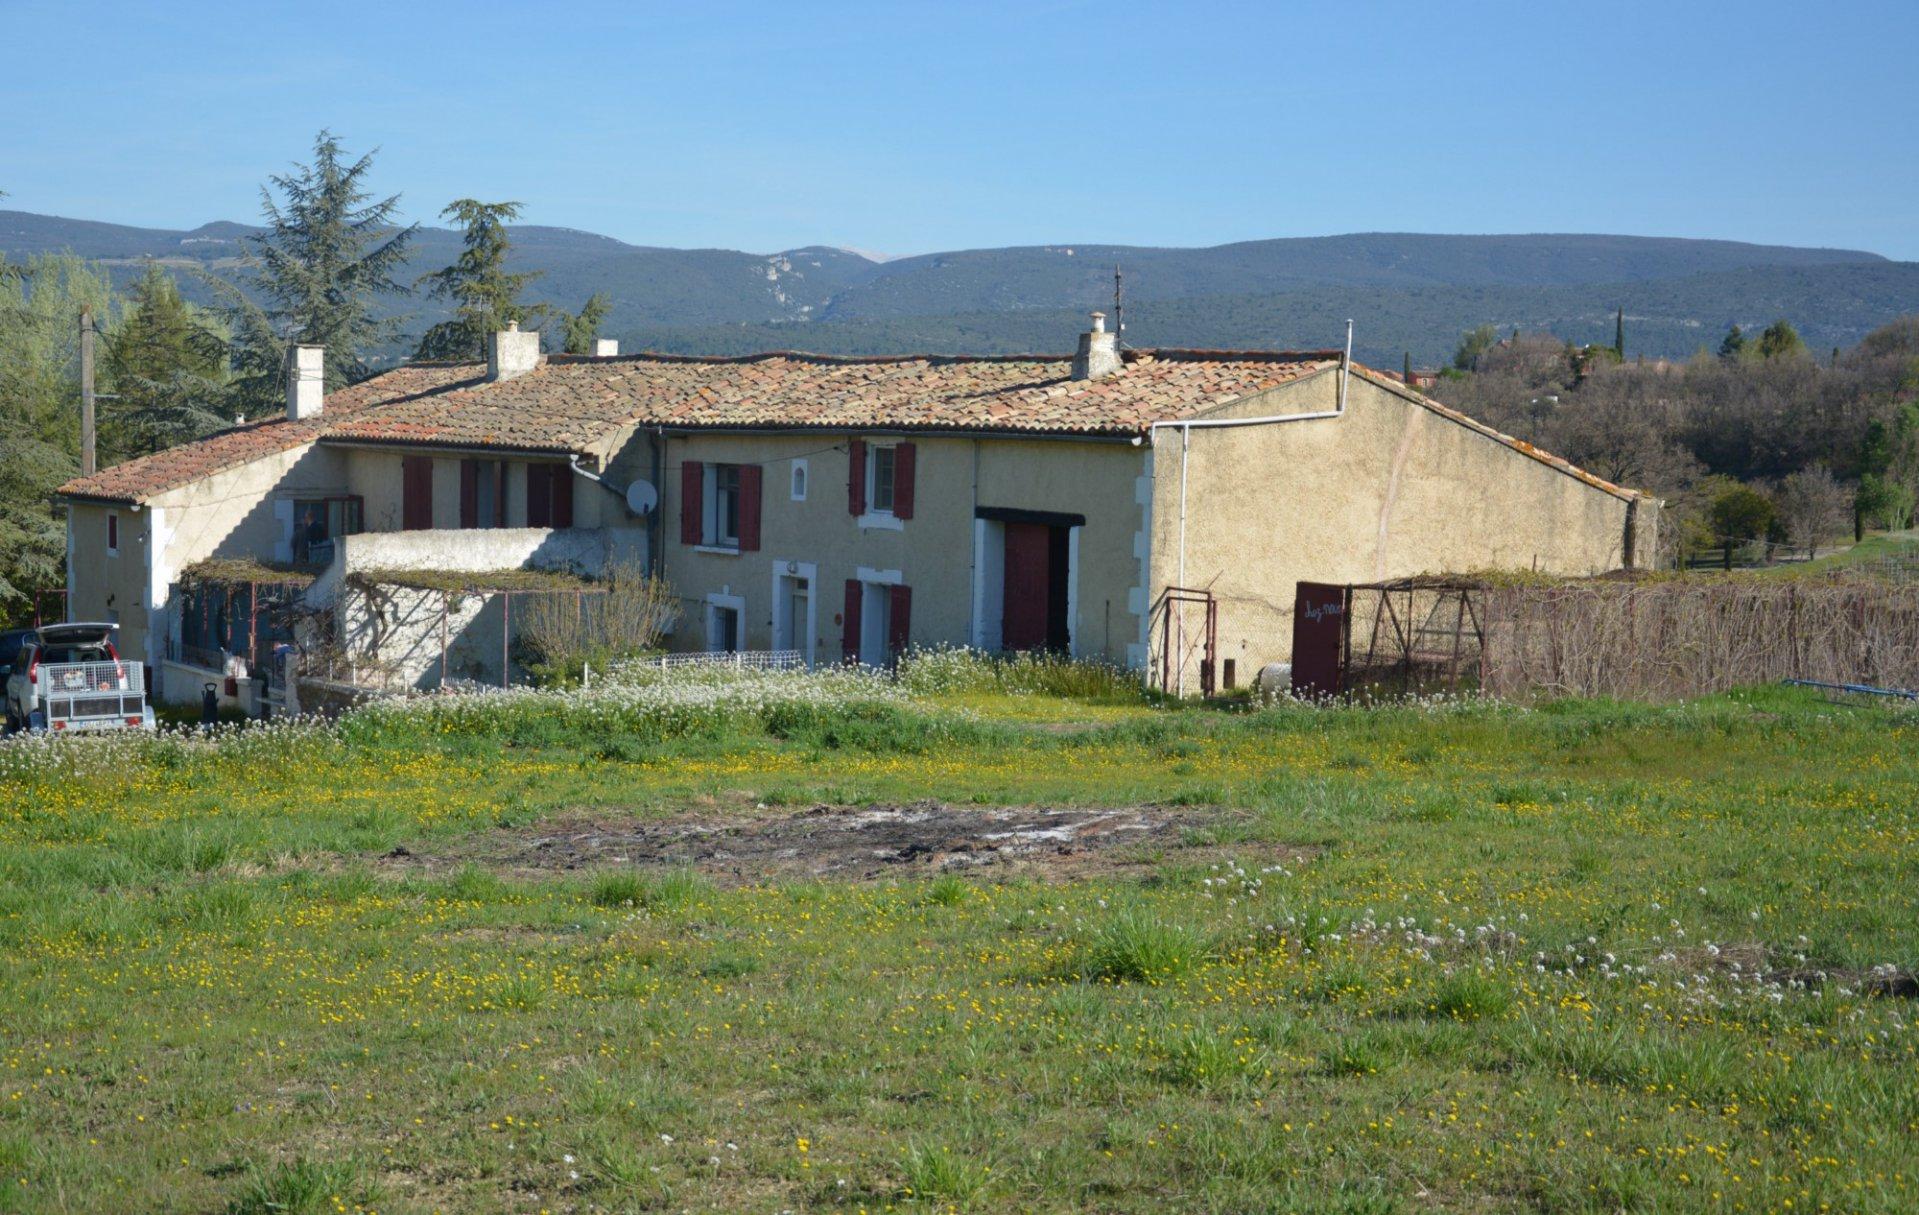 A vendre dans le Luberon, mas à restaurer à l'orée d'un village